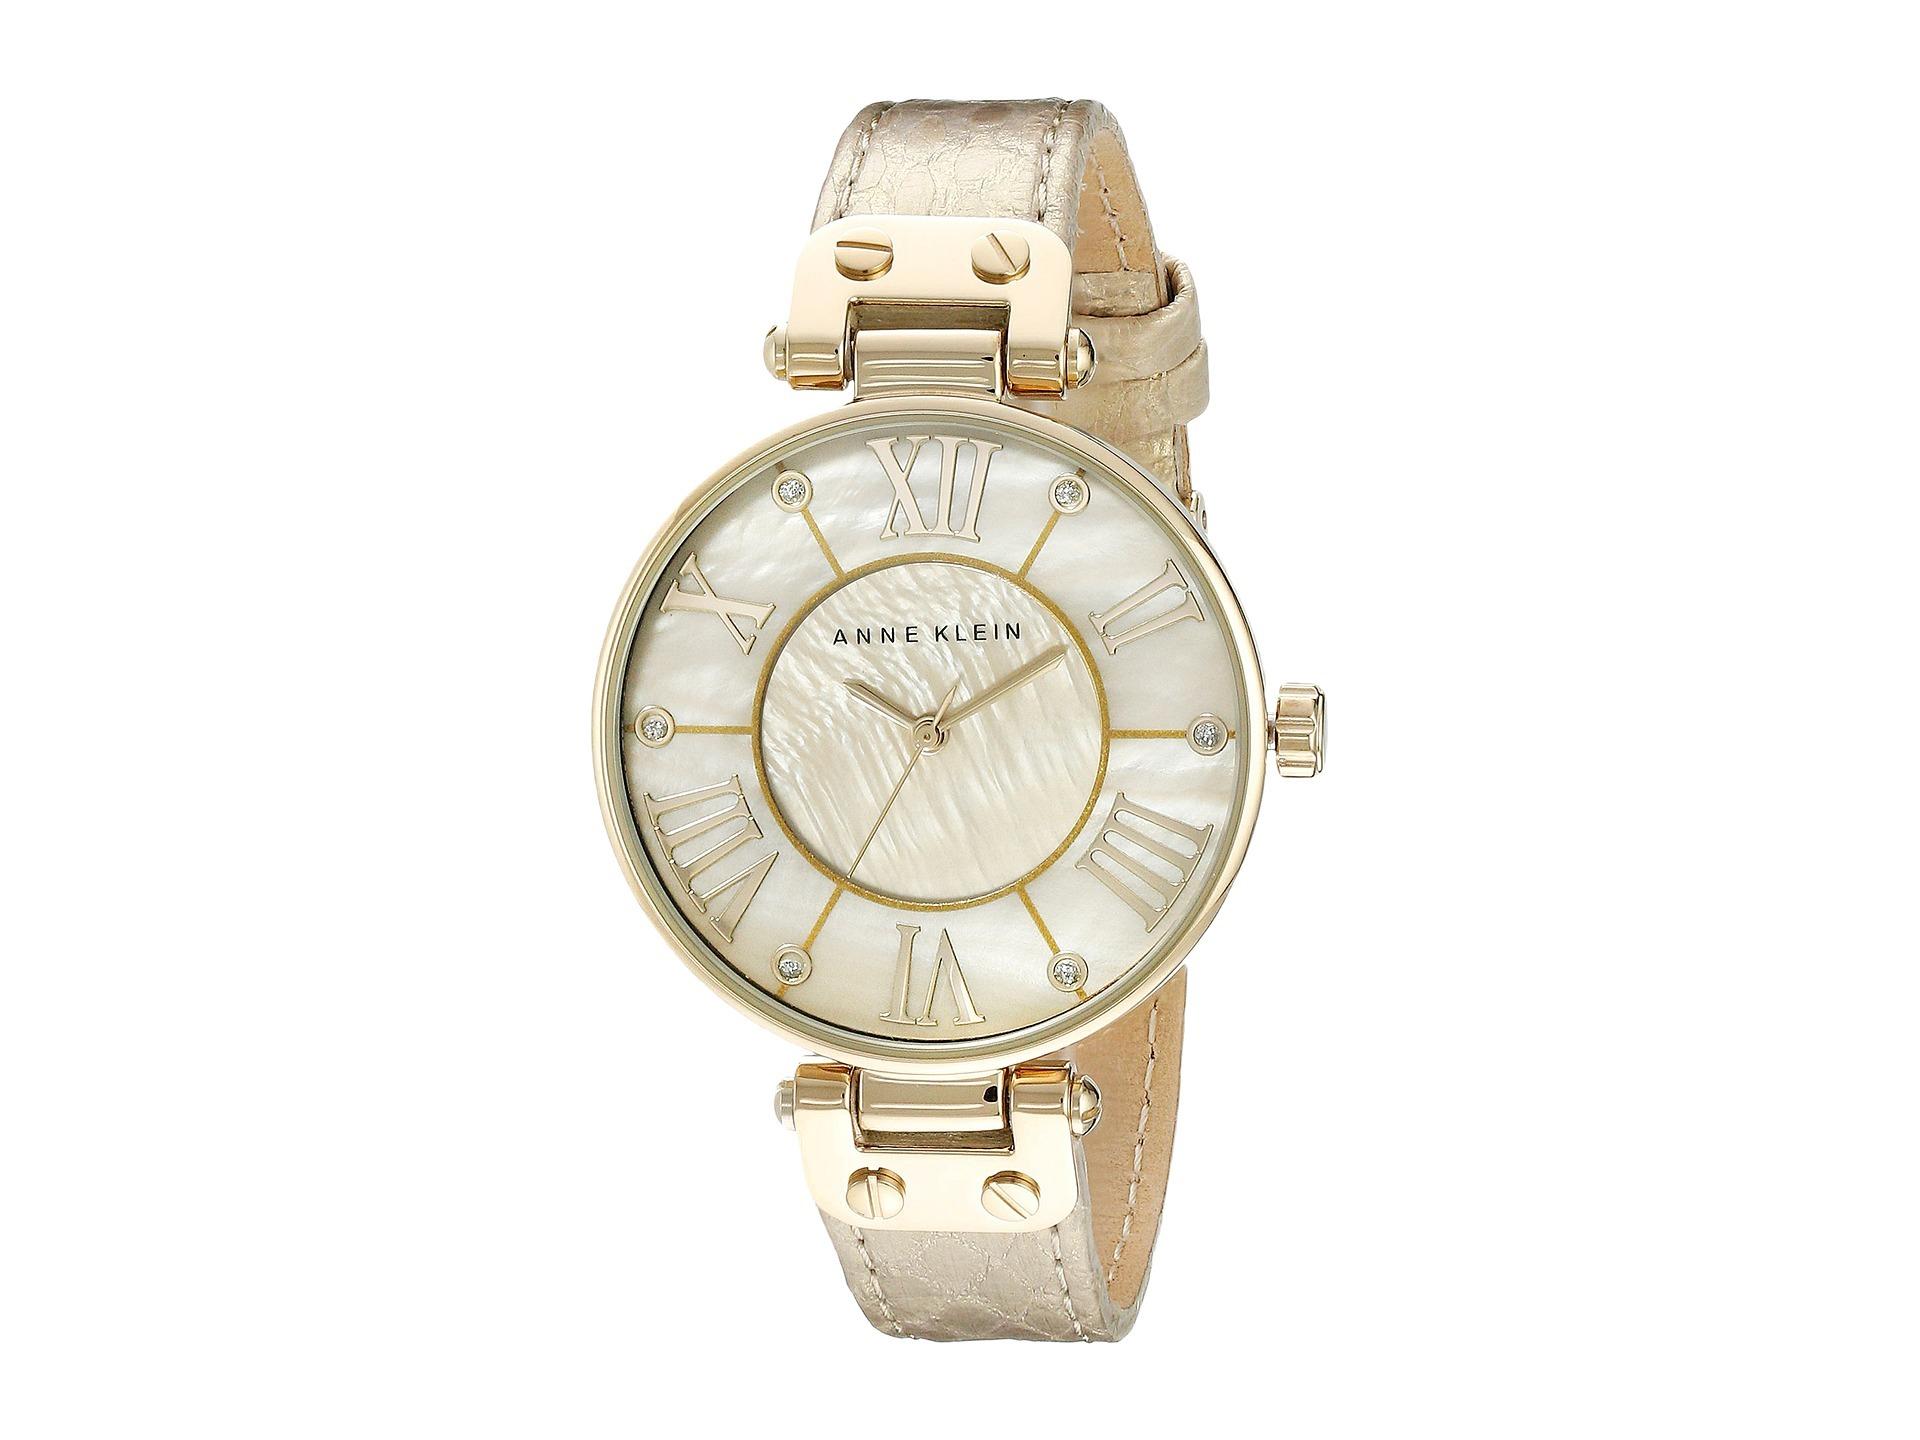 Anne Klein 1012GMGD - женские наручные часы из коллекции RingAnne Klein<br><br><br>Бренд: Anne Klein<br>Модель: Anne Klein 1012 GMGD<br>Артикул: 1012GMGD<br>Вариант артикула: None<br>Коллекция: Ring<br>Подколлекция: None<br>Страна: США<br>Пол: женские<br>Тип механизма: кварцевые<br>Механизм: None<br>Количество камней: None<br>Автоподзавод: None<br>Источник энергии: от батарейки<br>Срок службы элемента питания: None<br>Дисплей: стрелки<br>Цифры: римские<br>Водозащита: WR 30<br>Противоударные: None<br>Материал корпуса: не указан, PVD покрытие: позолота (полное)<br>Материал браслета: кожа<br>Материал безеля: None<br>Стекло: минеральное<br>Антибликовое покрытие: None<br>Цвет корпуса: None<br>Цвет браслета: None<br>Цвет циферблата: None<br>Цвет безеля: None<br>Размеры: 34x9 мм<br>Диаметр: None<br>Диаметр корпуса: None<br>Толщина: None<br>Ширина ремешка: None<br>Вес: None<br>Спорт-функции: None<br>Подсветка: None<br>Вставка: кристаллы Swarovski<br>Отображение даты: None<br>Хронограф: None<br>Таймер: None<br>Термометр: None<br>Хронометр: None<br>GPS: None<br>Радиосинхронизация: None<br>Барометр: None<br>Скелетон: None<br>Дополнительная информация: None<br>Дополнительные функции: None